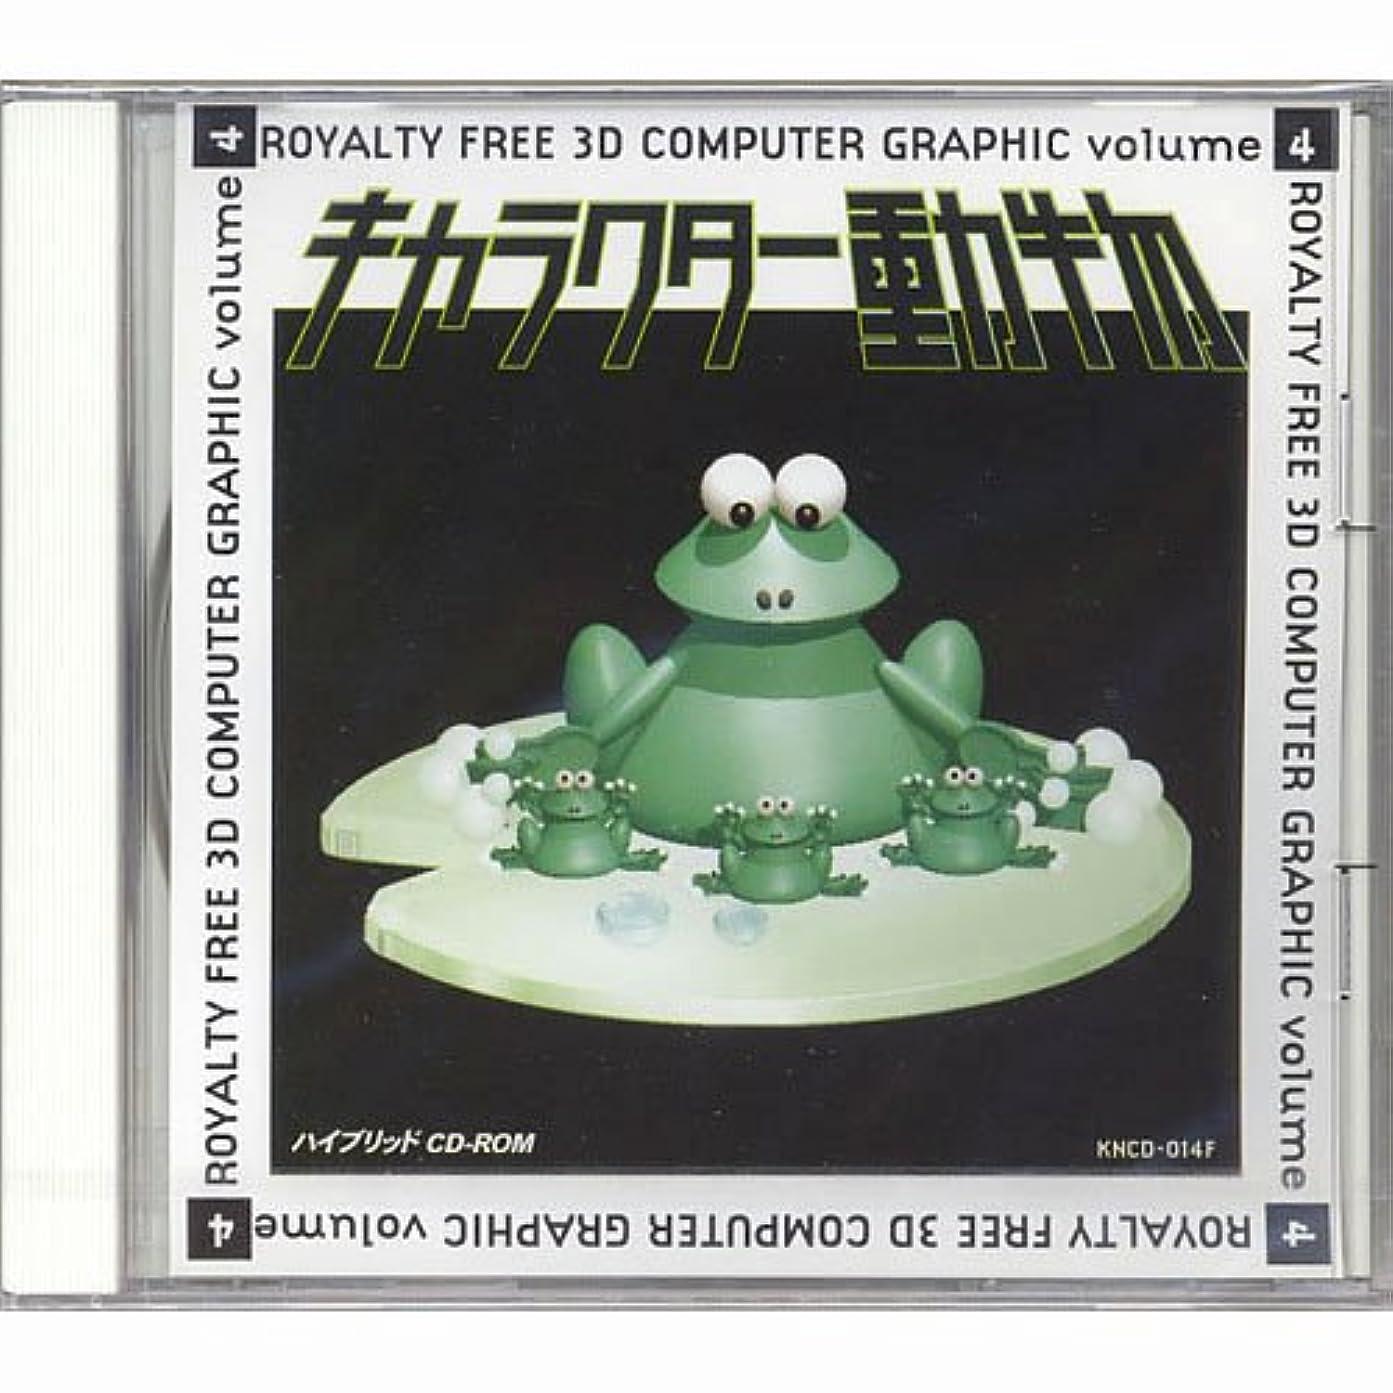 間欠口実密Royalty Free 3D COMPUTER GRAPHIC vol.4「キャラクター動物」